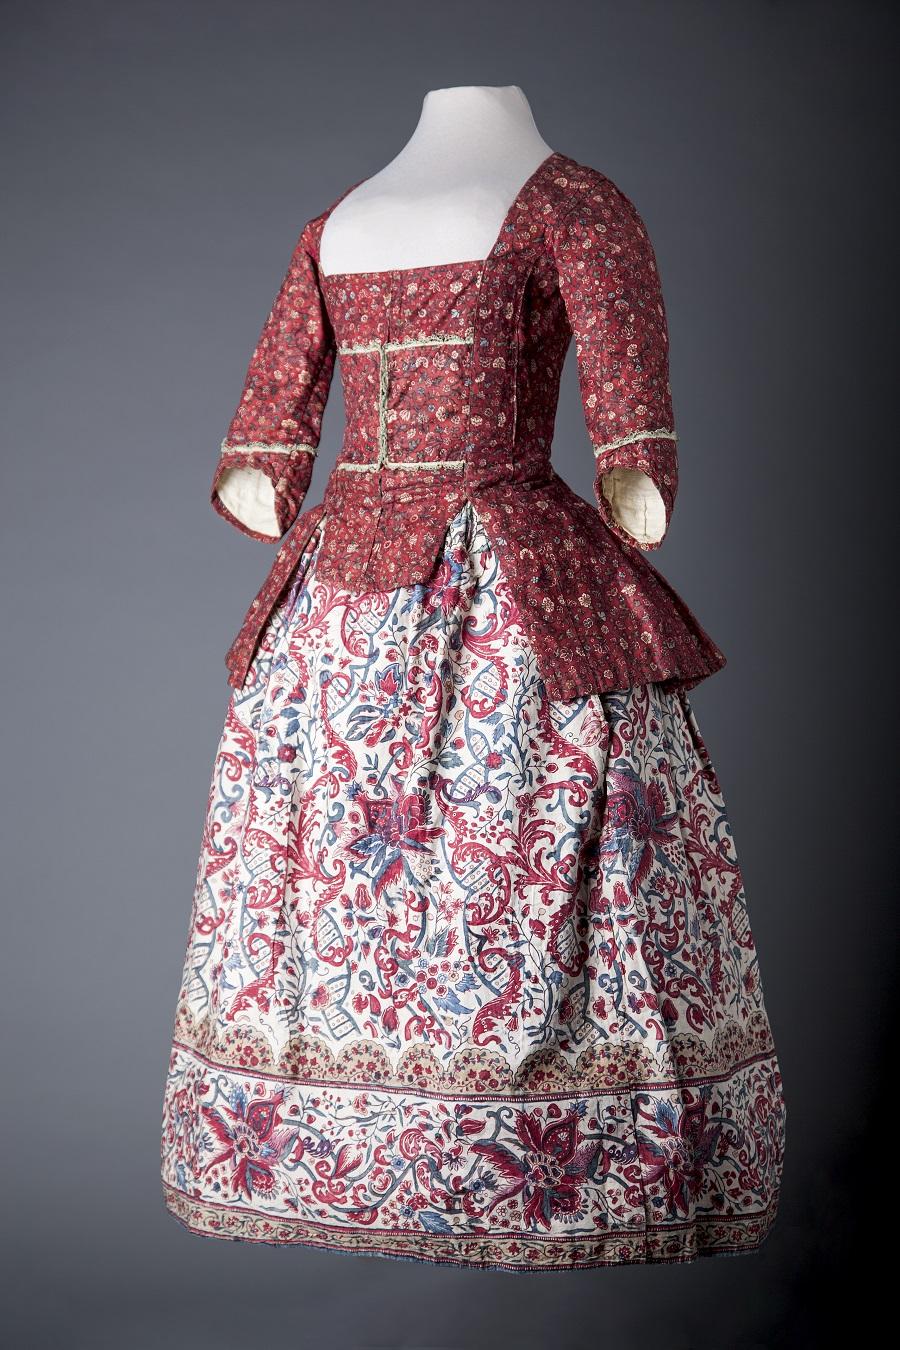 Meisjesjasje met millefleurs patroon op een petticoat van chintz circa 1725-1775 - Chintz Cotton in Blooms - Handwerkwereld